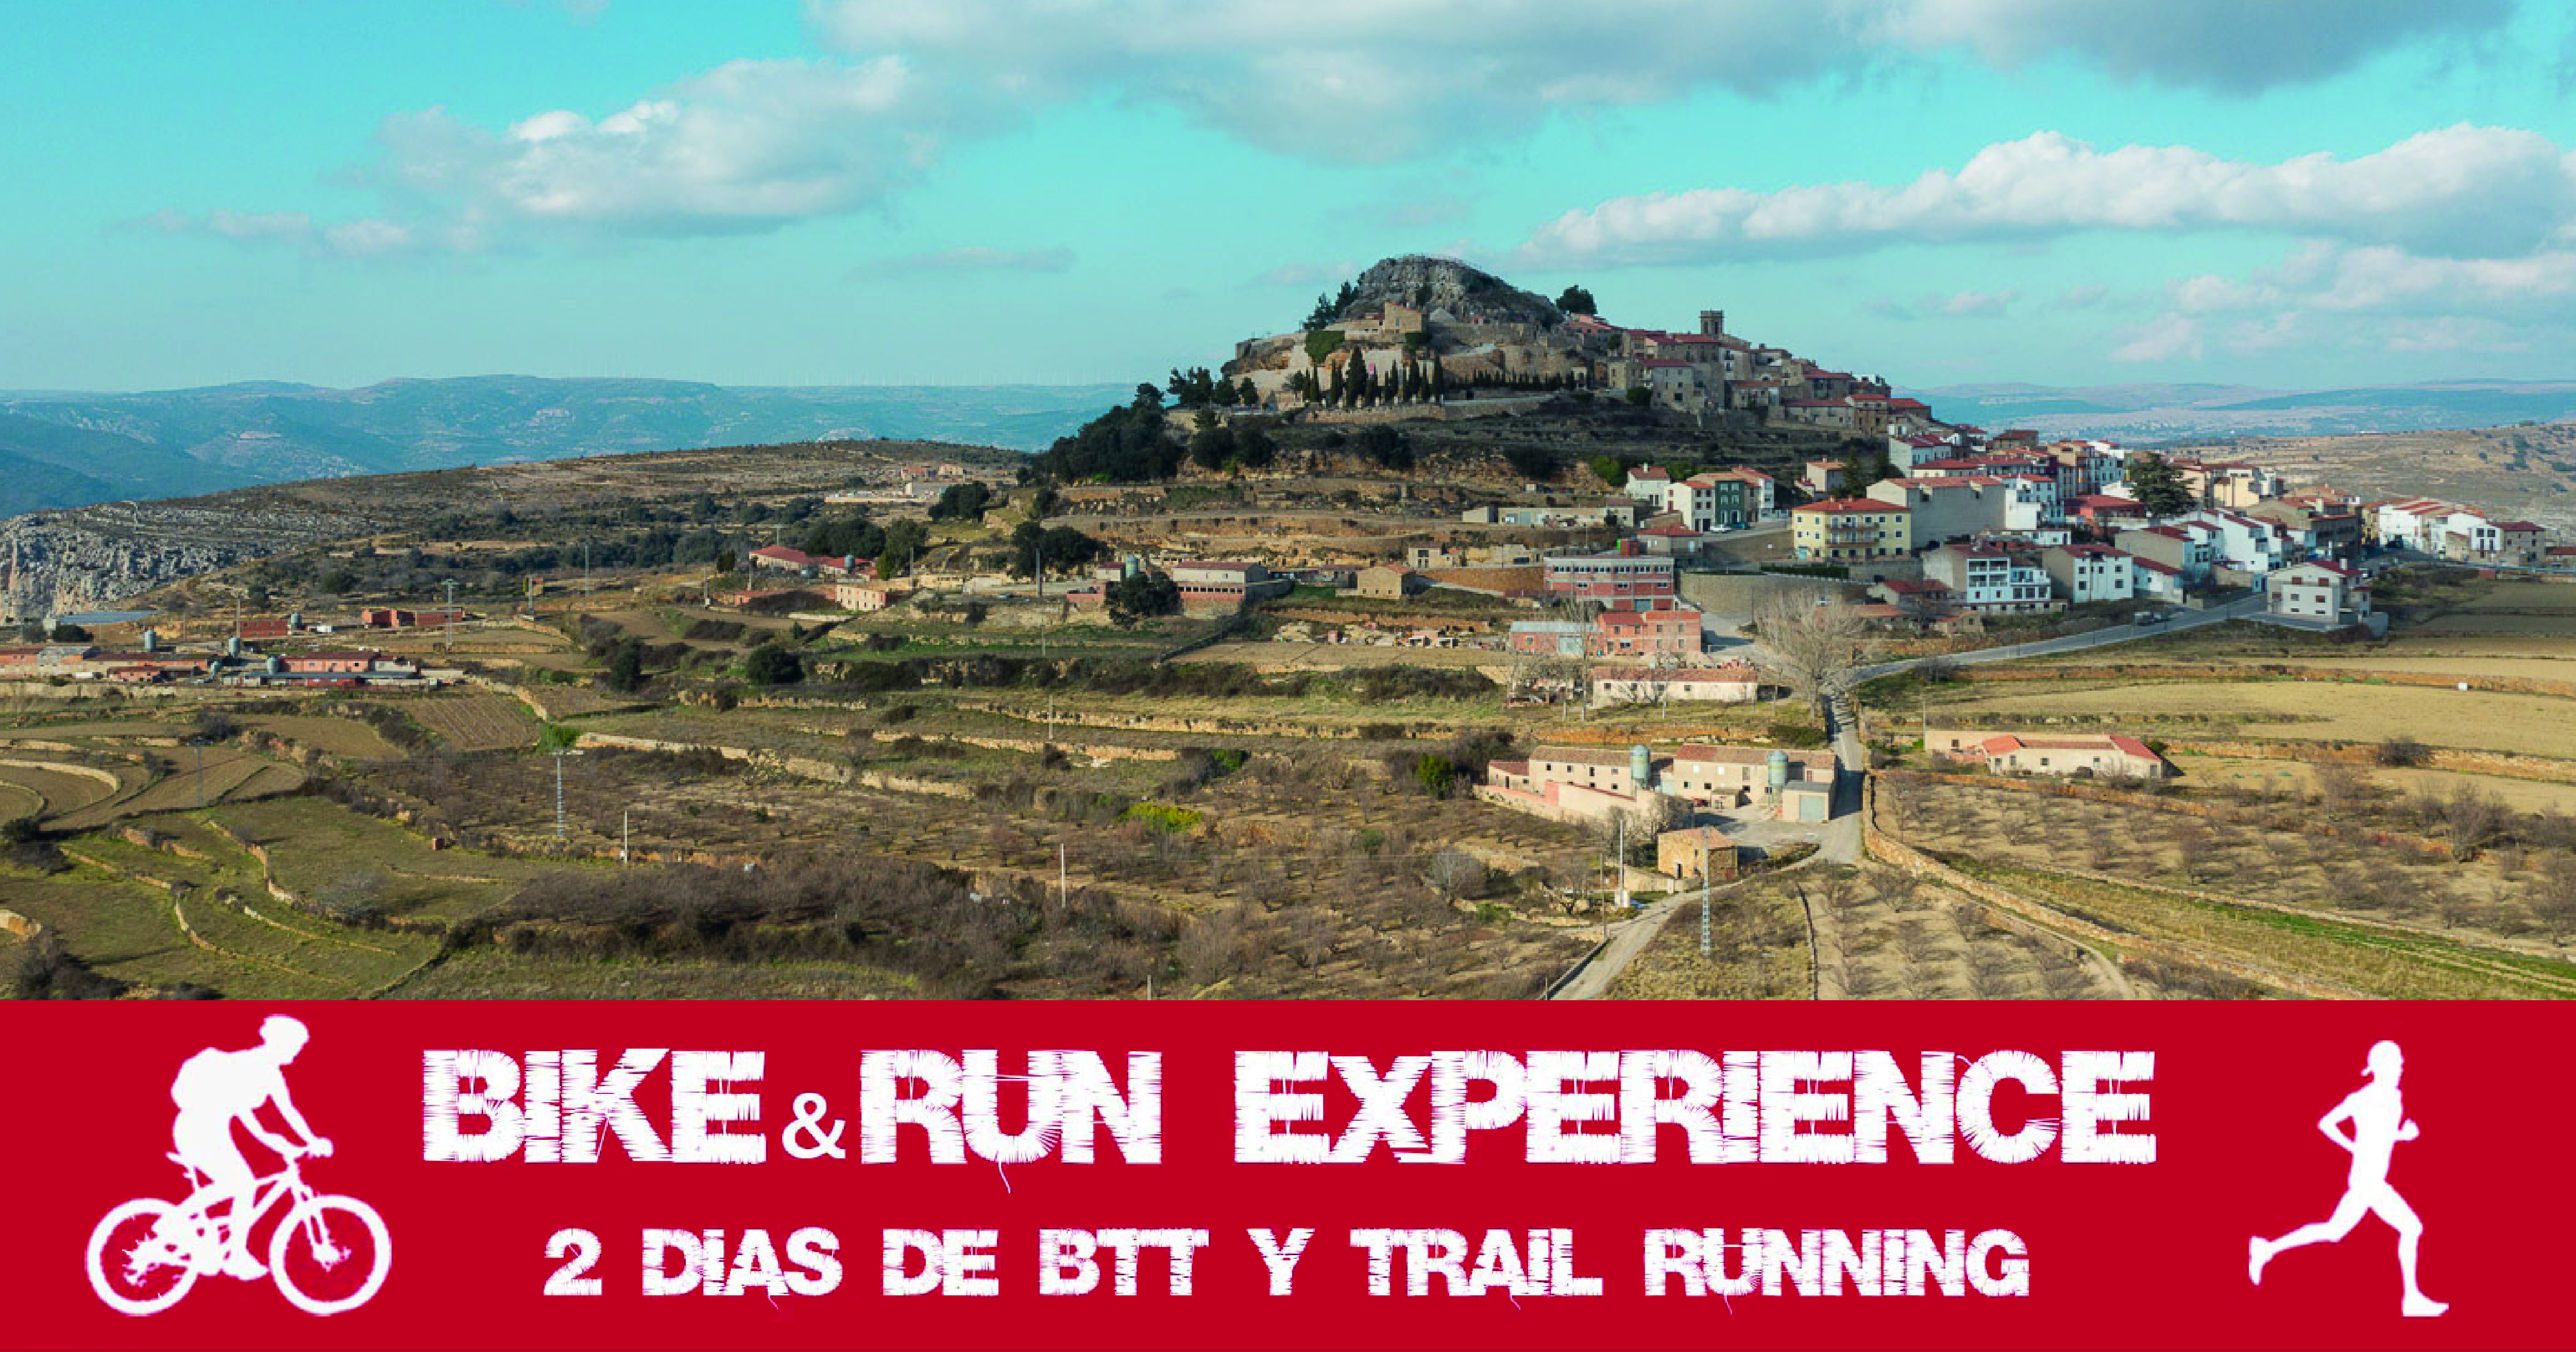 Bike&Run Experience en el territorio templario